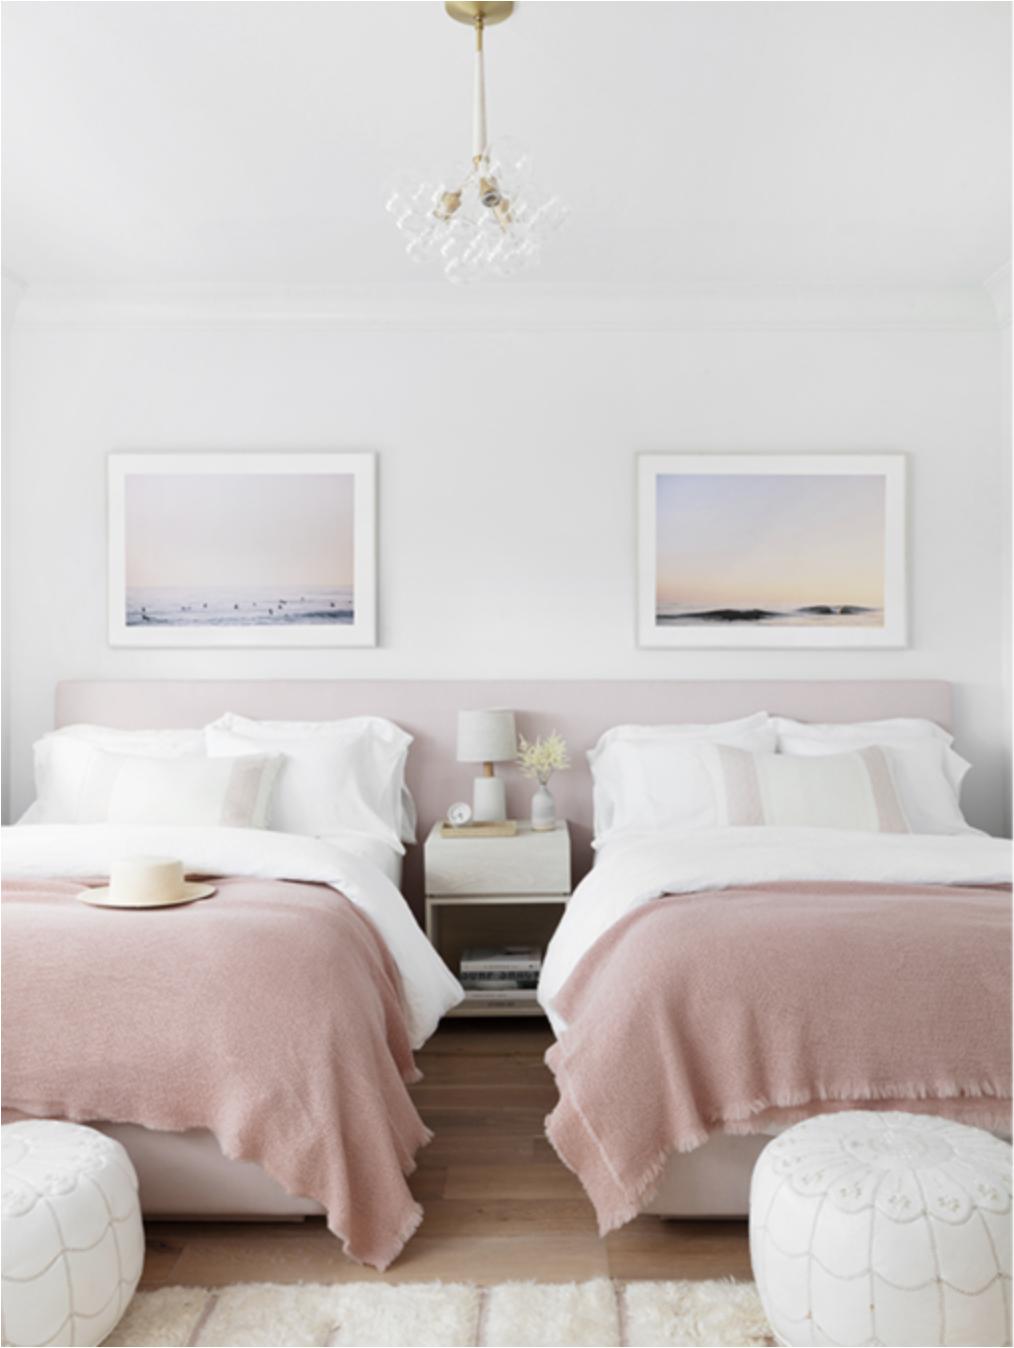 bộ đôi giường phủ chăn màu hồng phấn